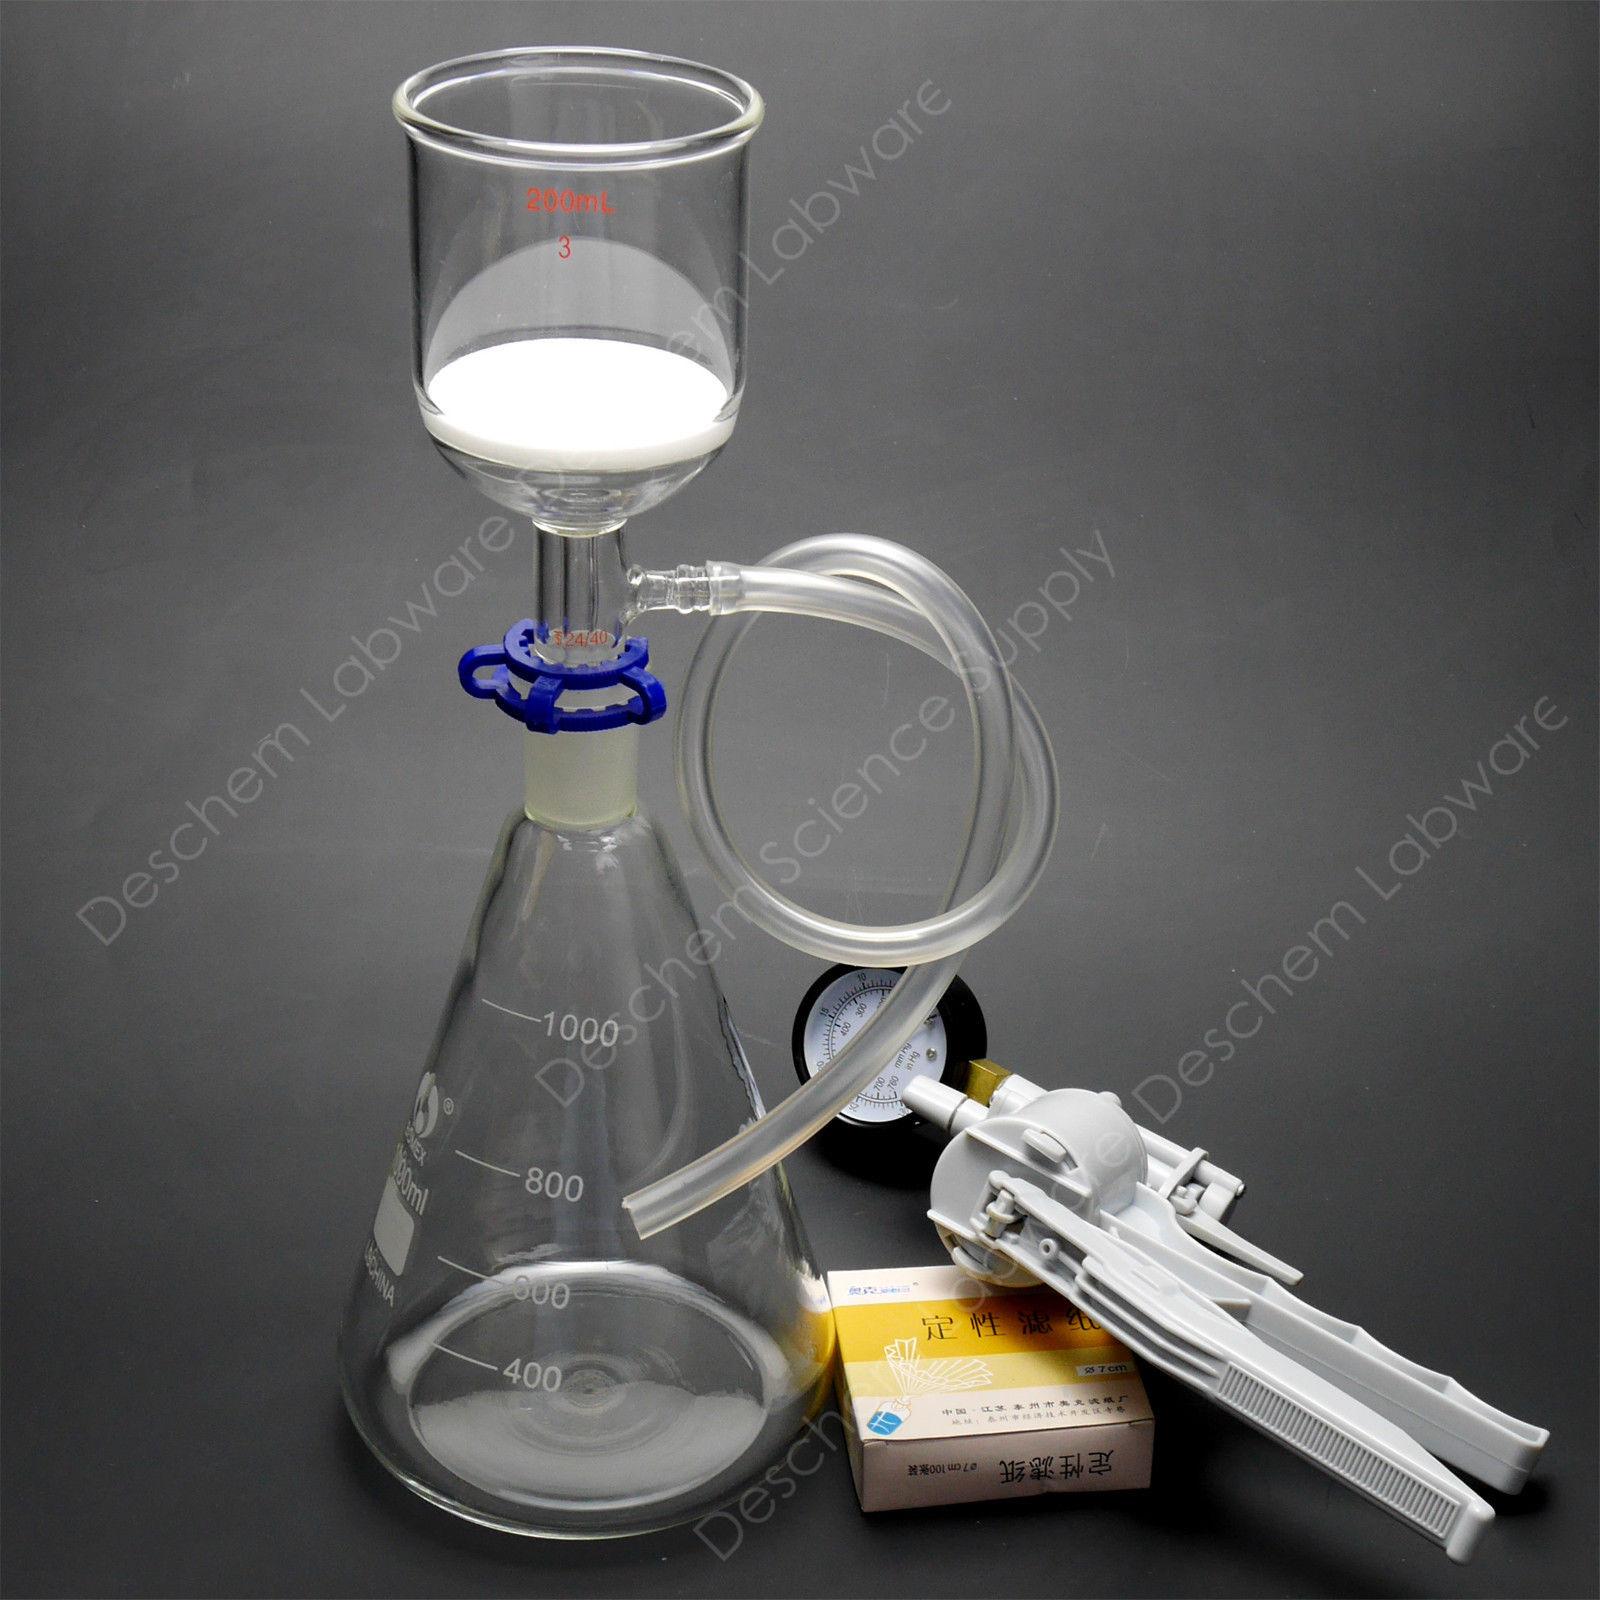 1000 ml, aparato de succión de laboratorio, embudo de 200 ml, matraz de 1 l, con bomba de vacío y filtro de papel